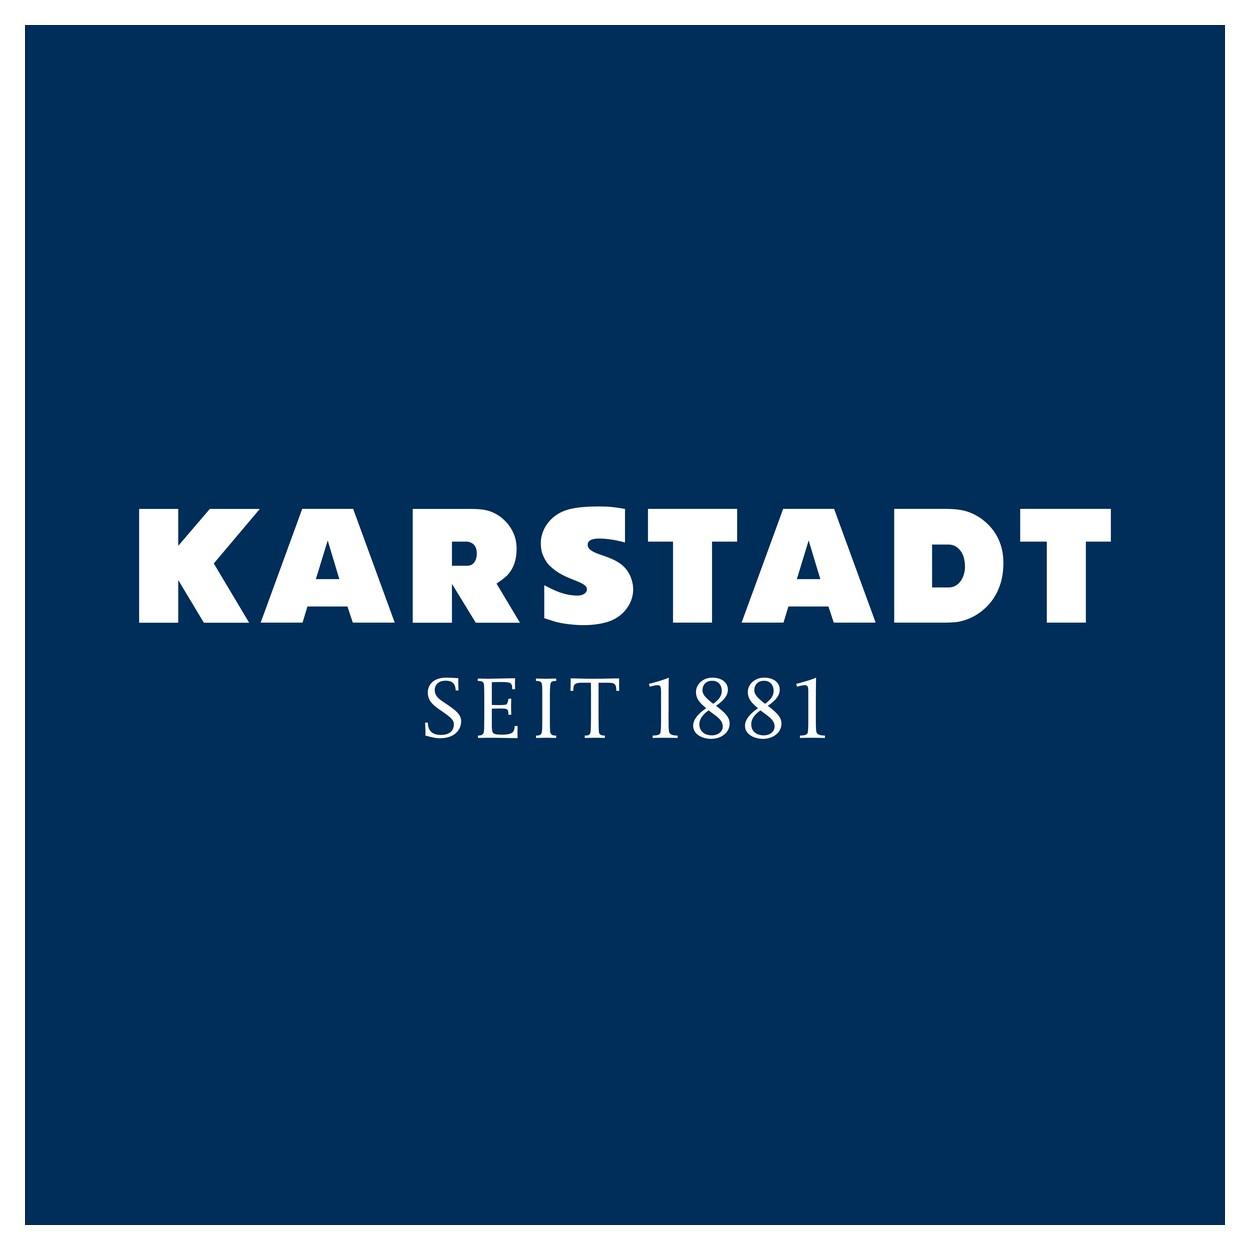 Karstadt Logo png